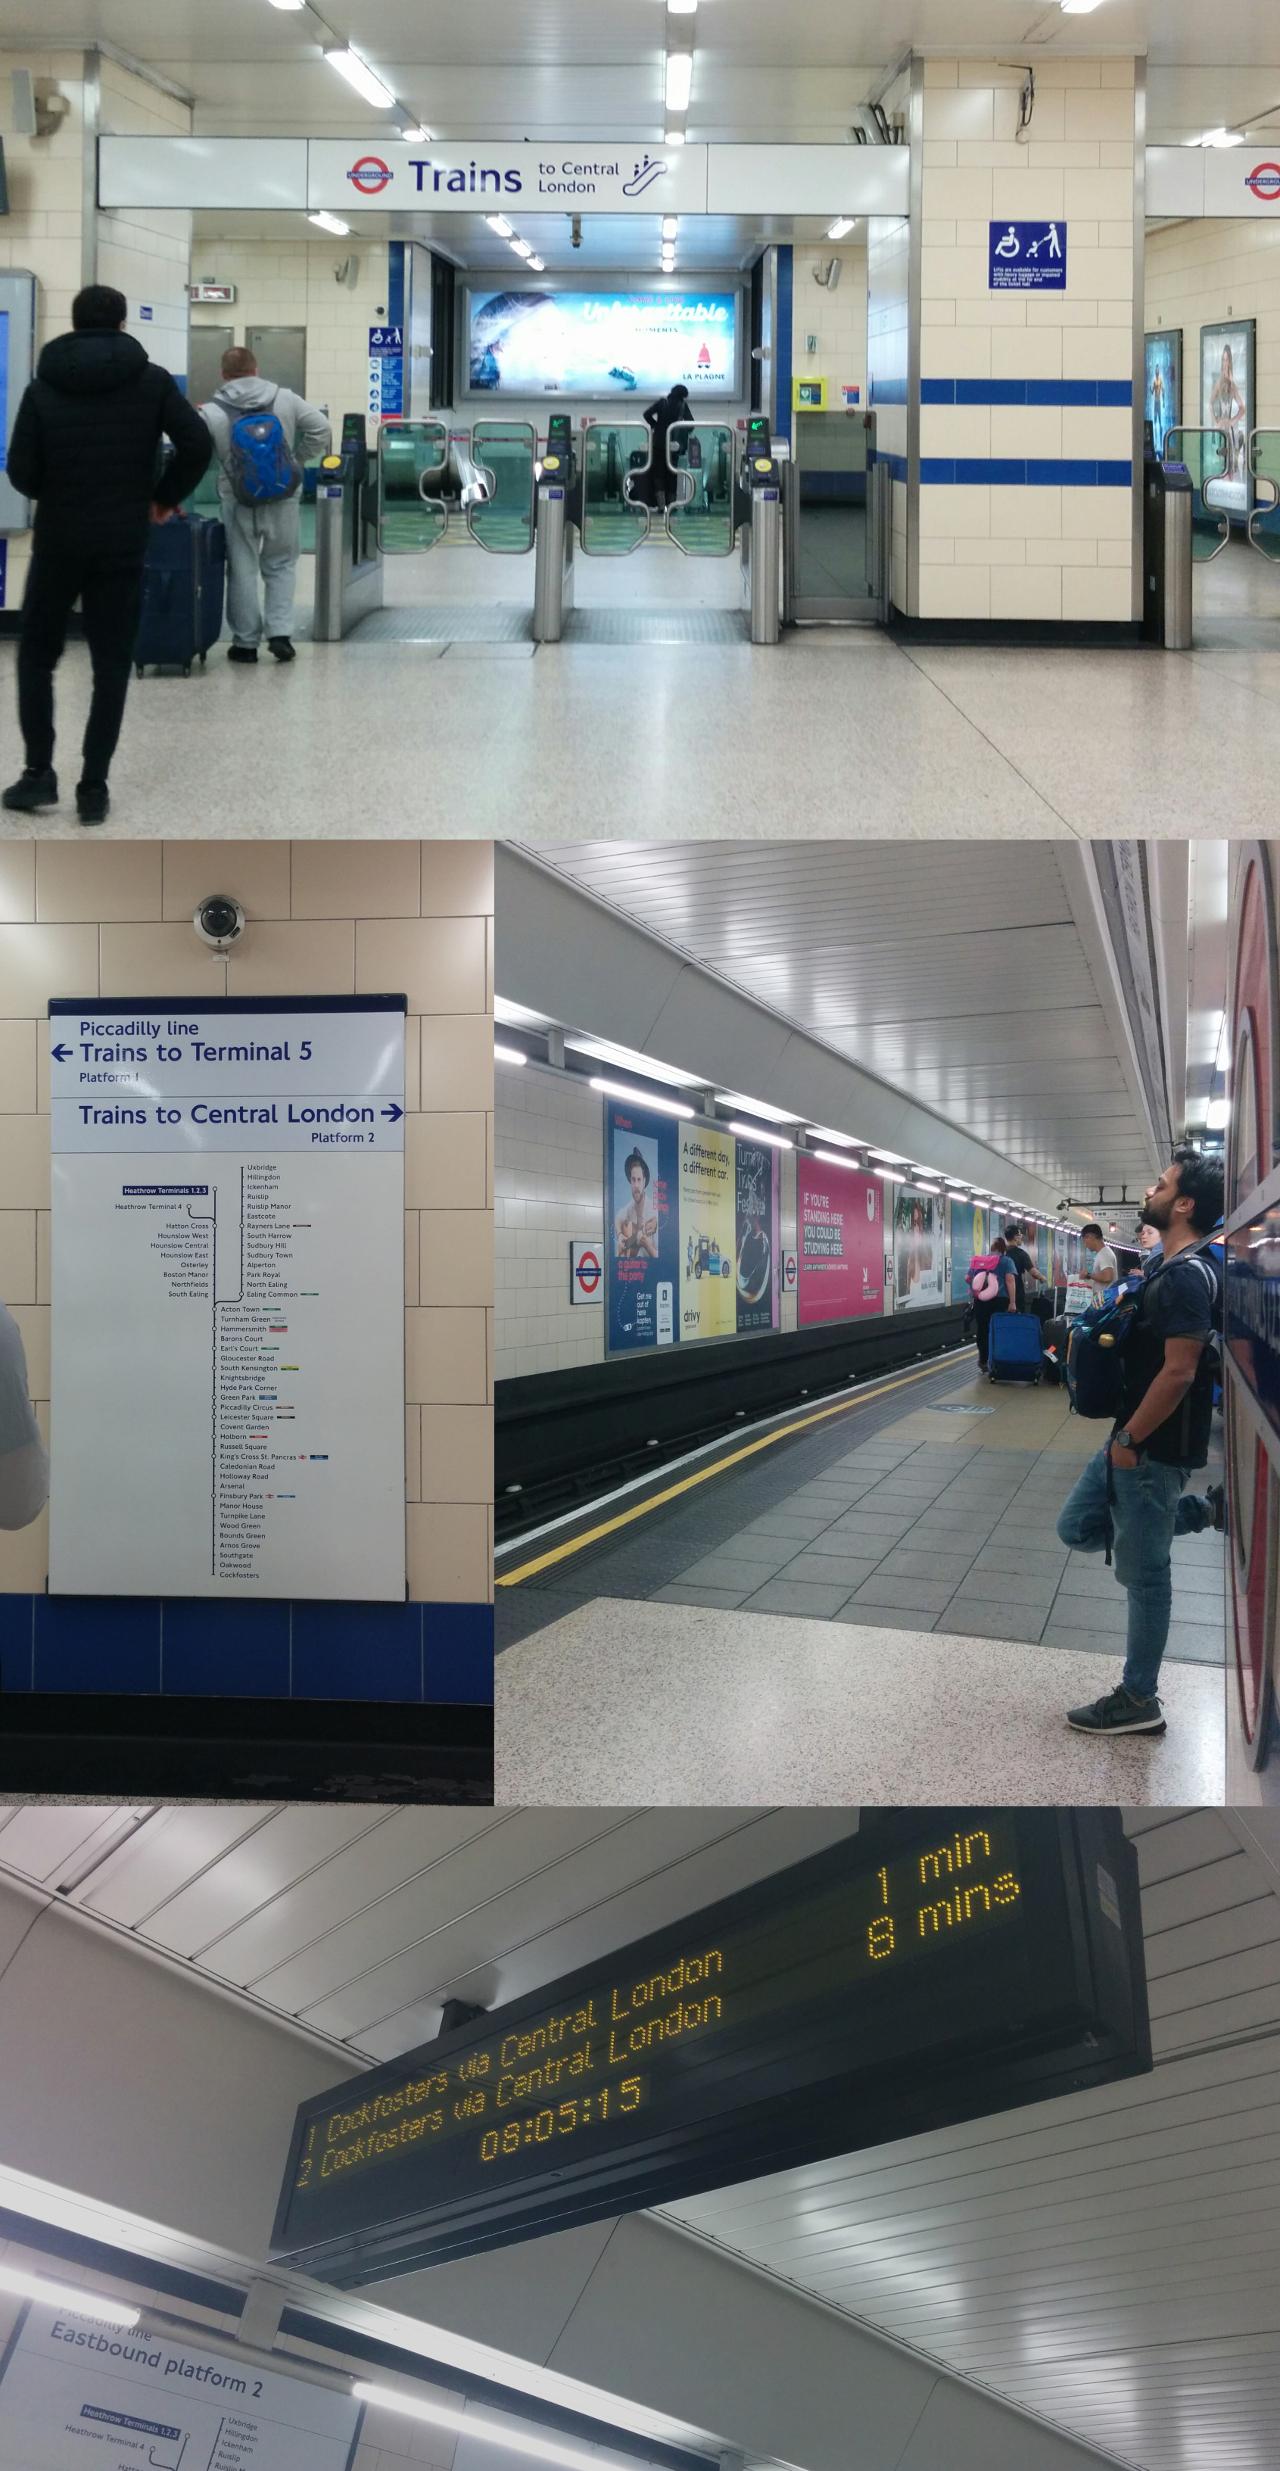 ロンドン地下鉄ピカデリー線ヒースロー空港第1・2・3ターミナル駅自動改札・プラットホーム・発車標